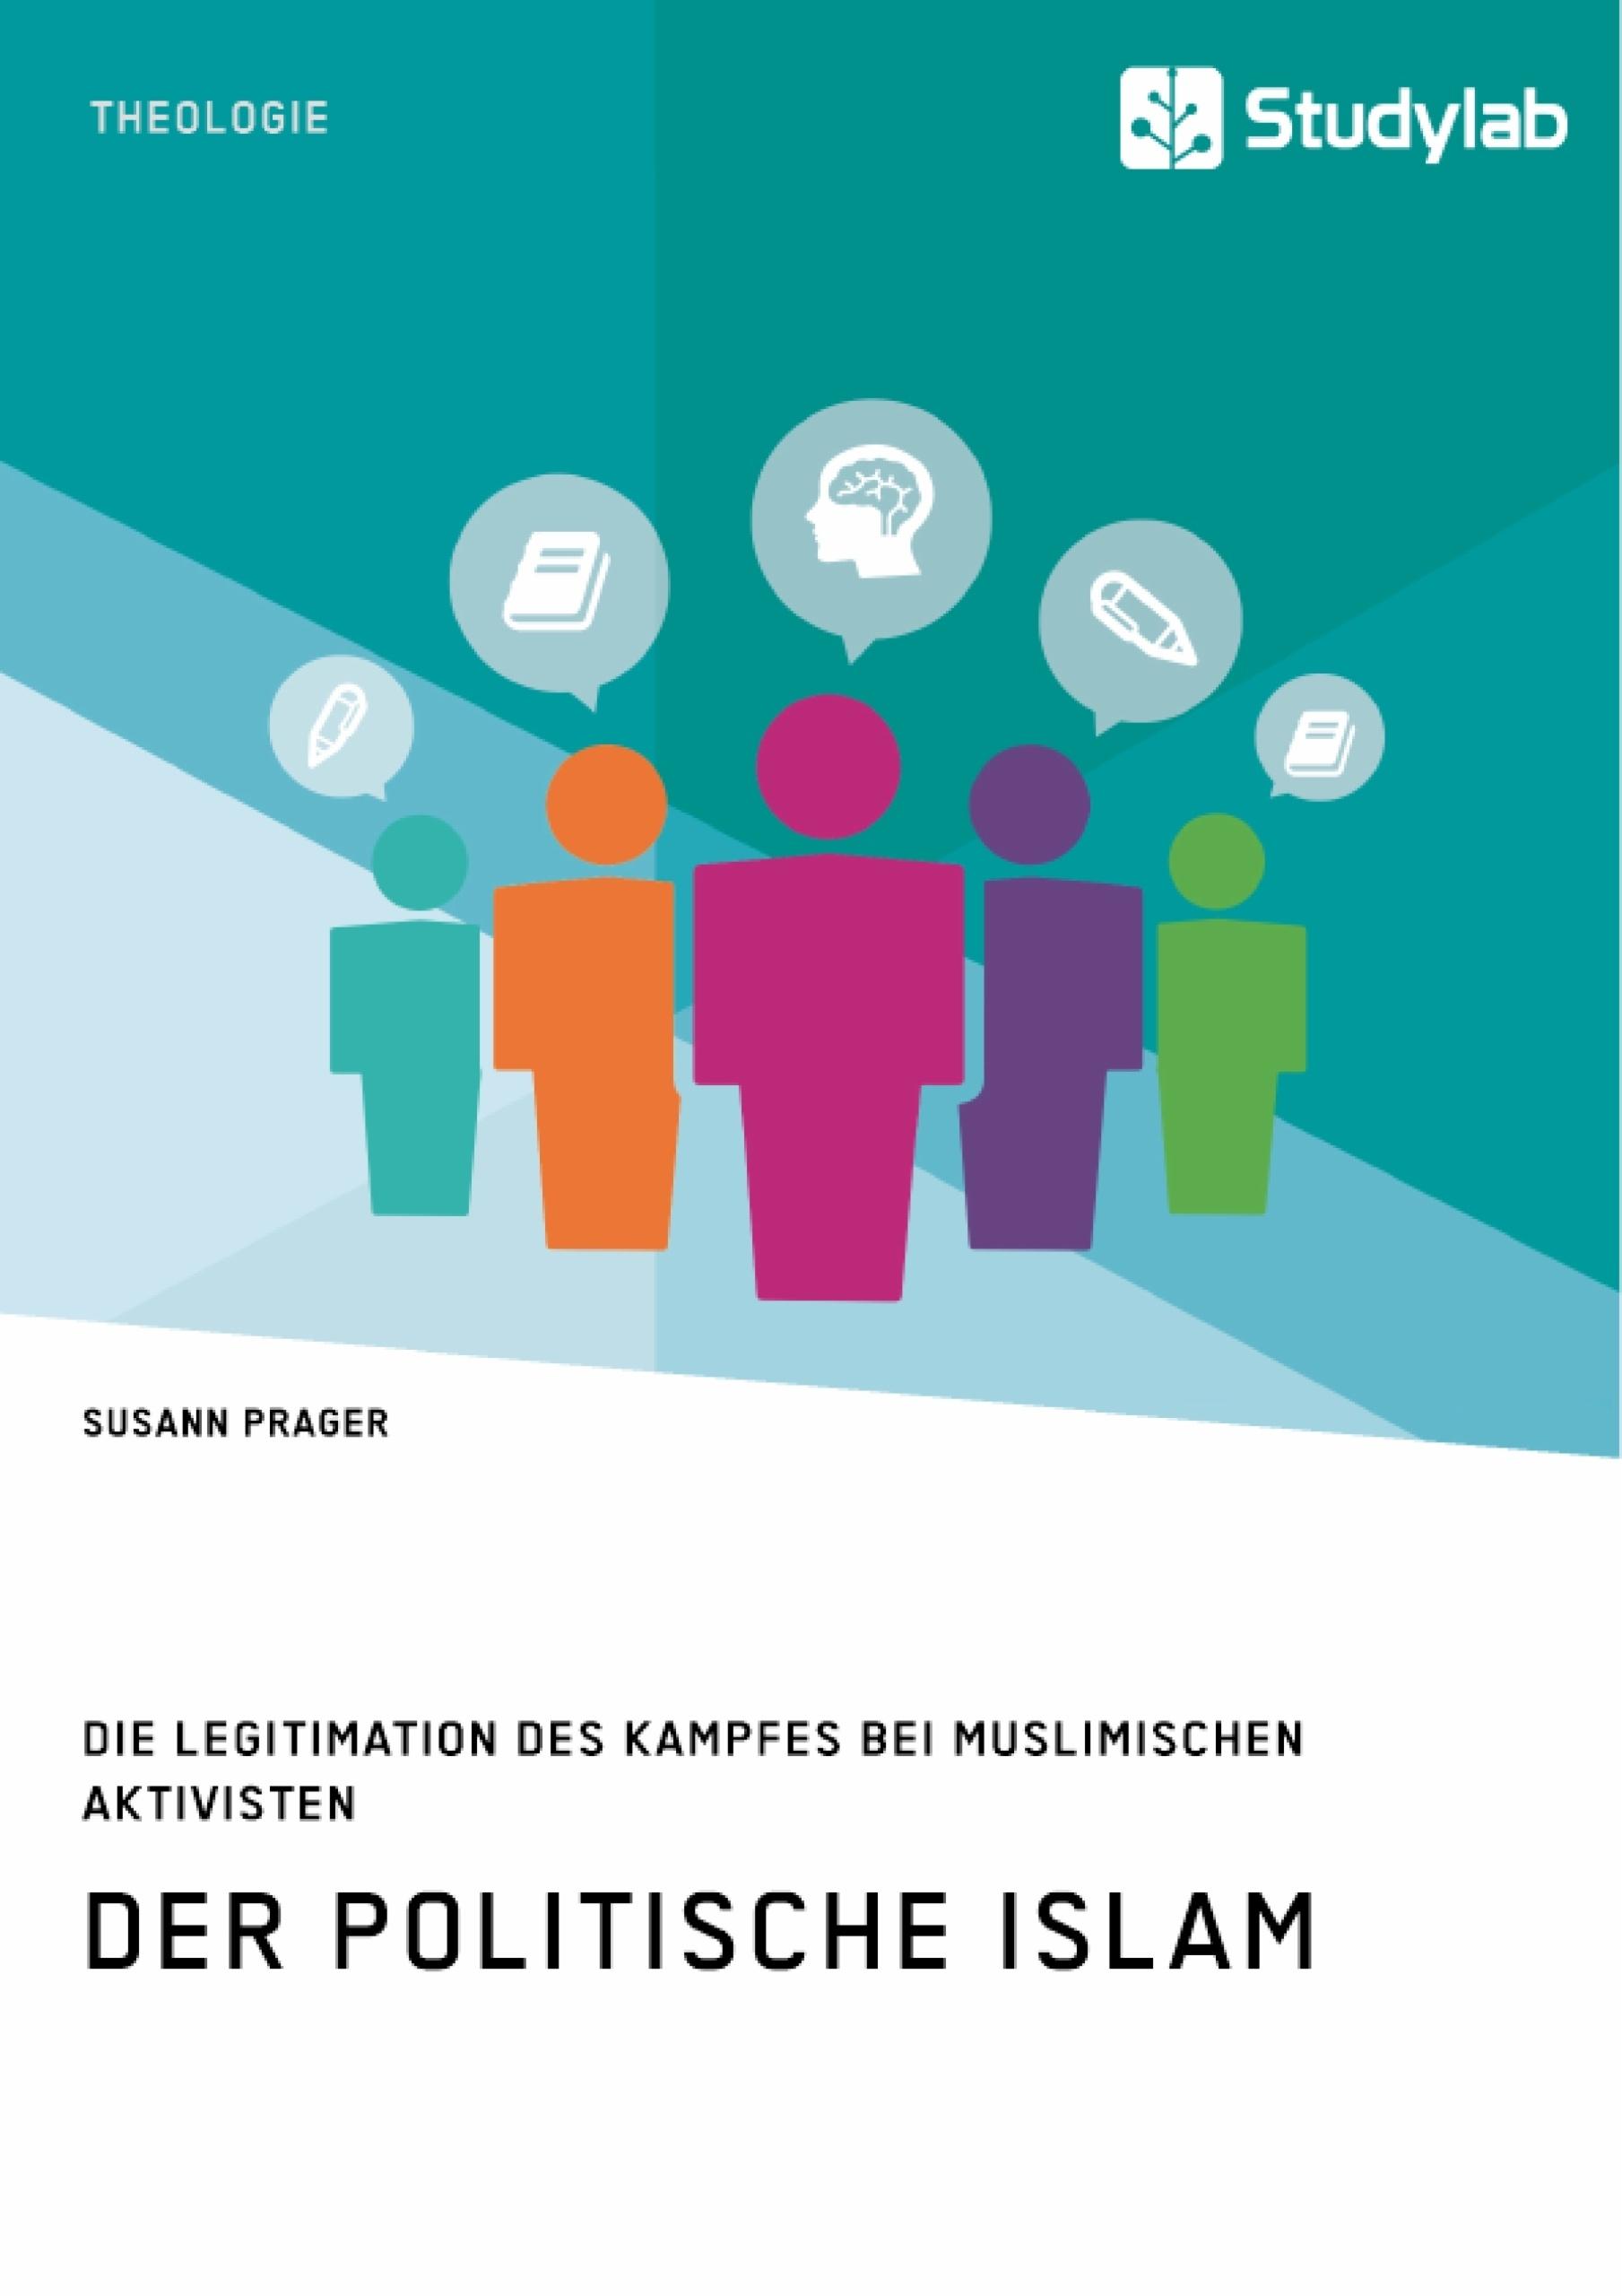 Titel: Der politische Islam. Die Legitimation des Kampfes bei muslimischen Aktivisten